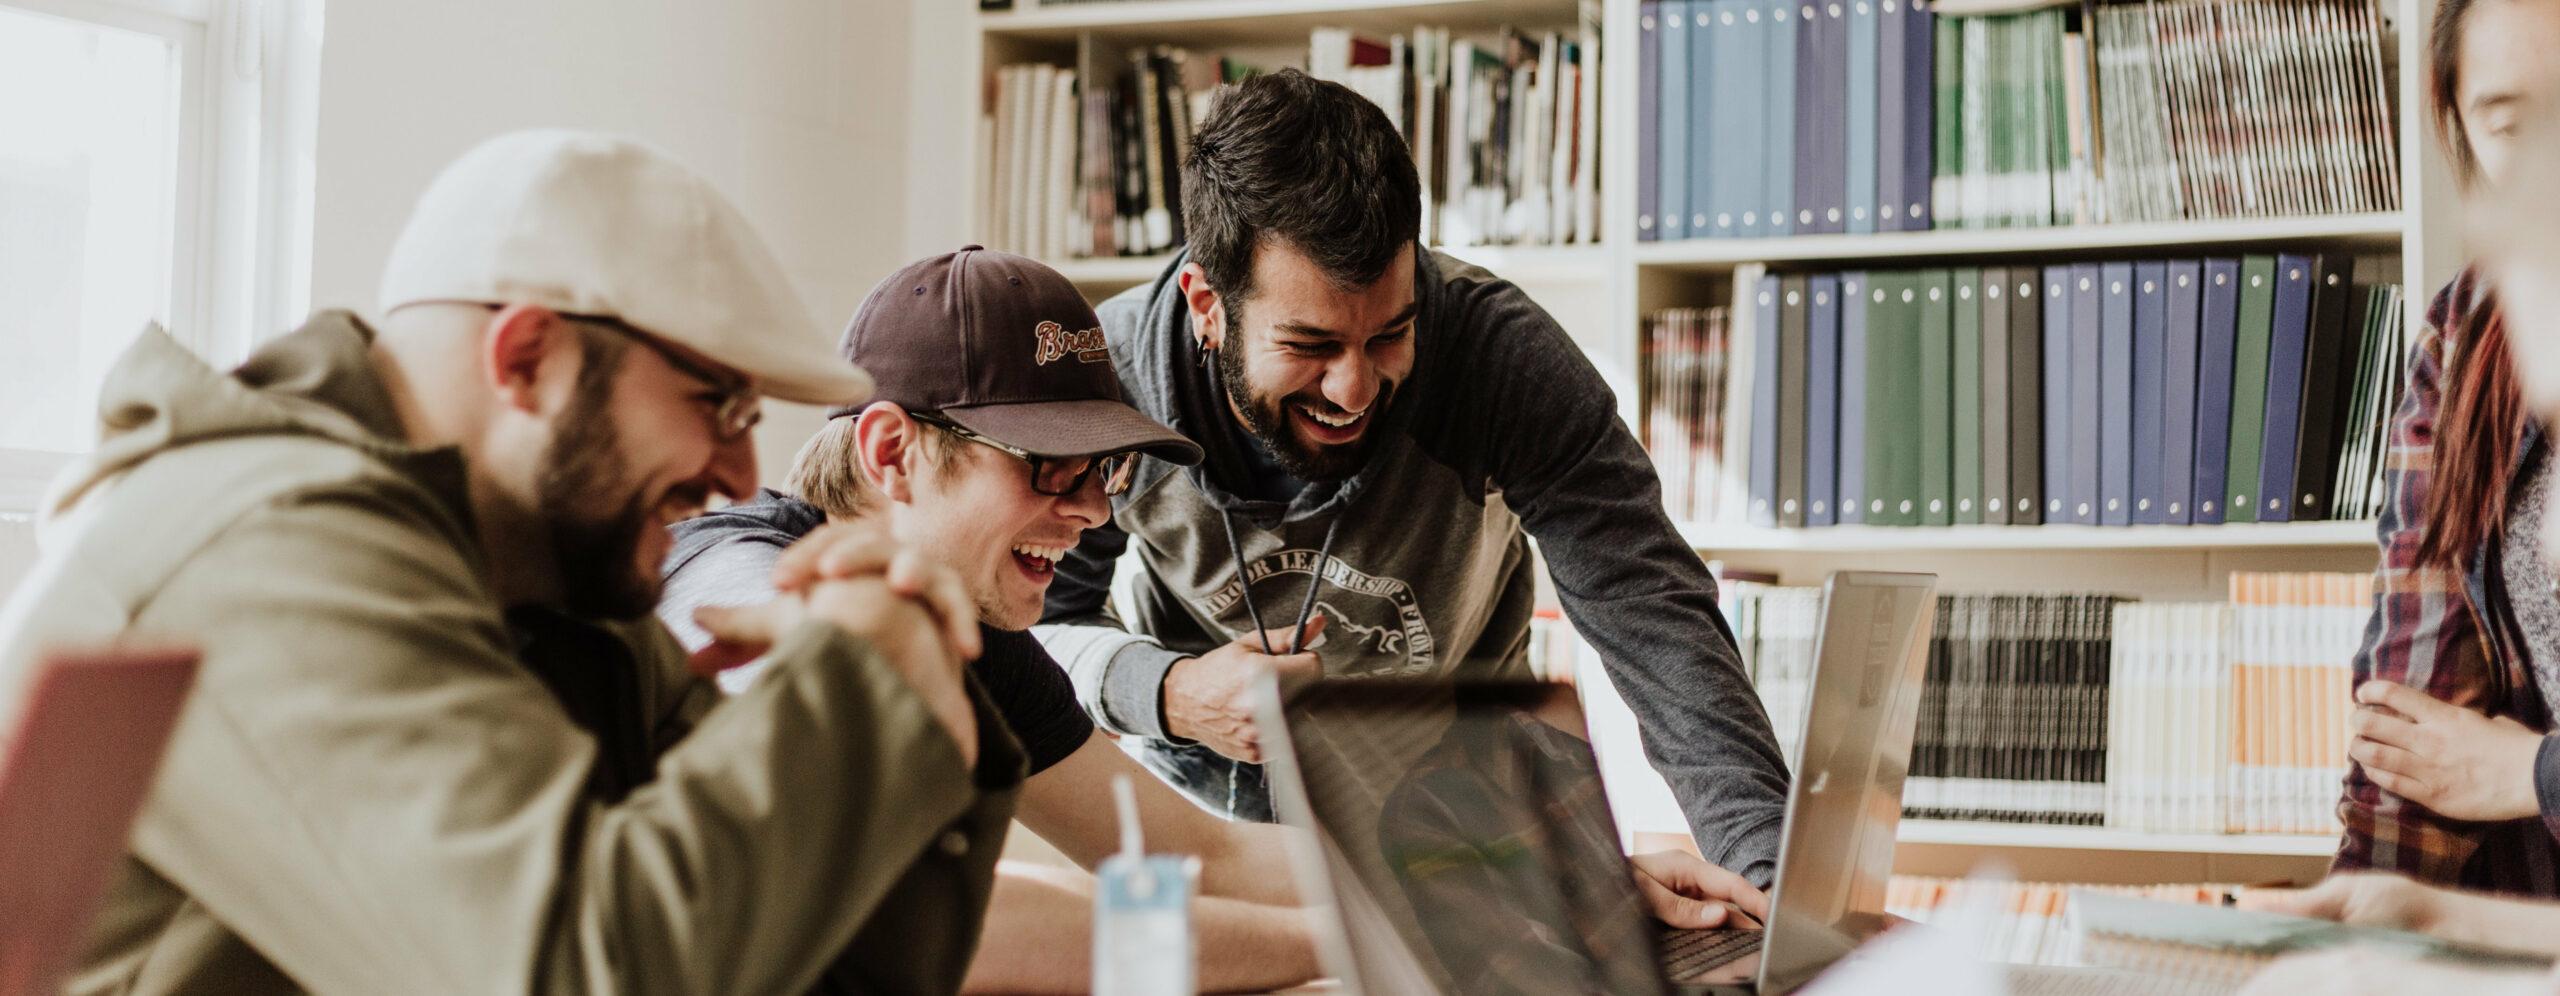 Drei Männer beugen sich über einen Laptop und lachen